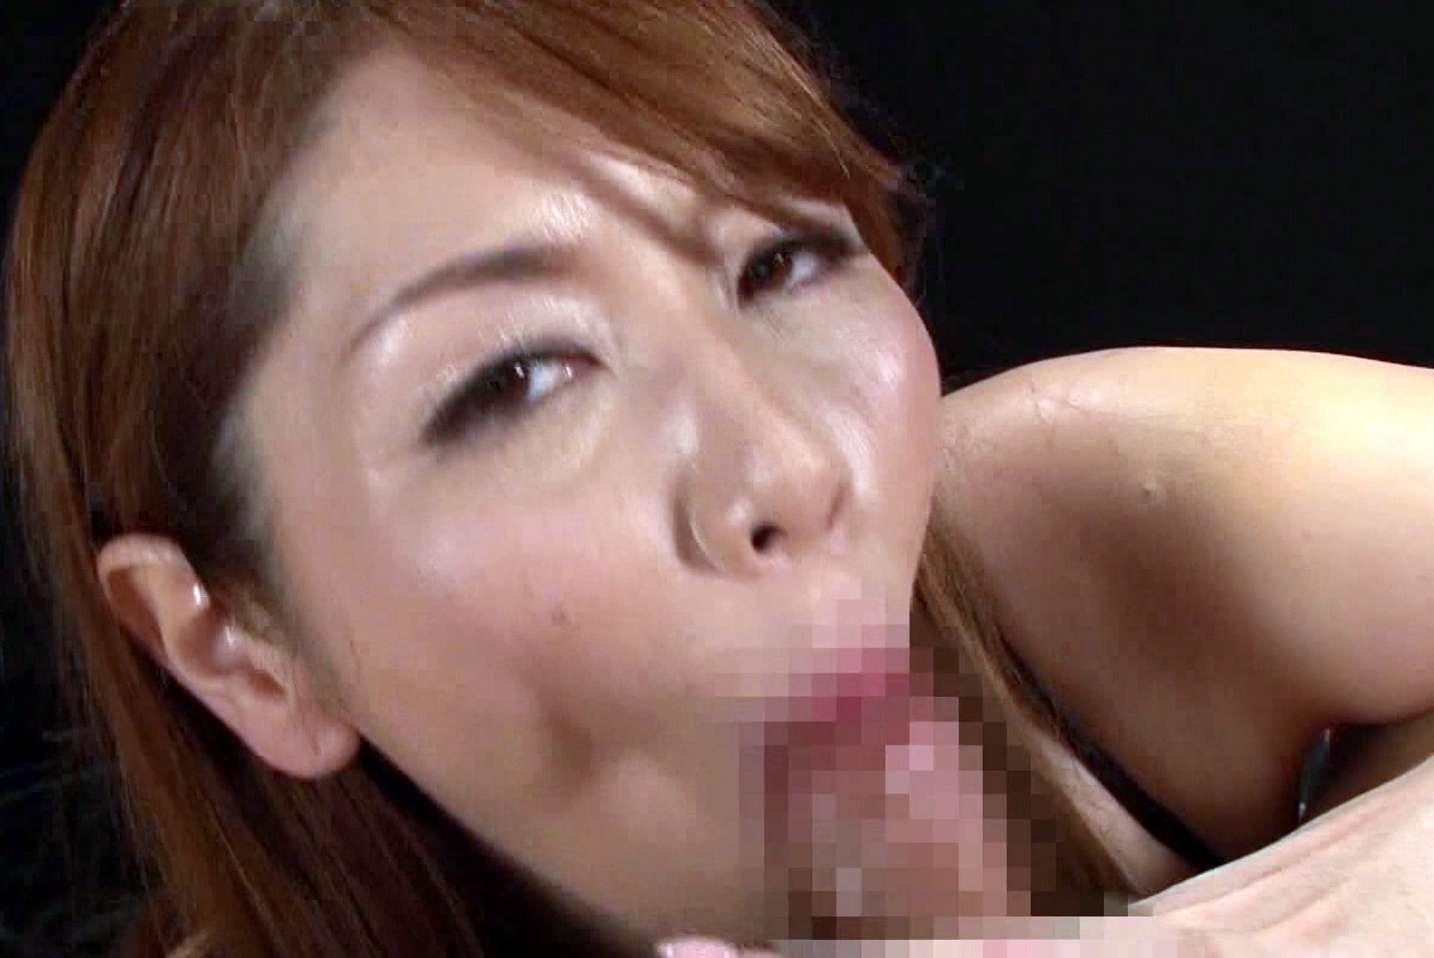 MILF asiatique vraiment bonne (43)